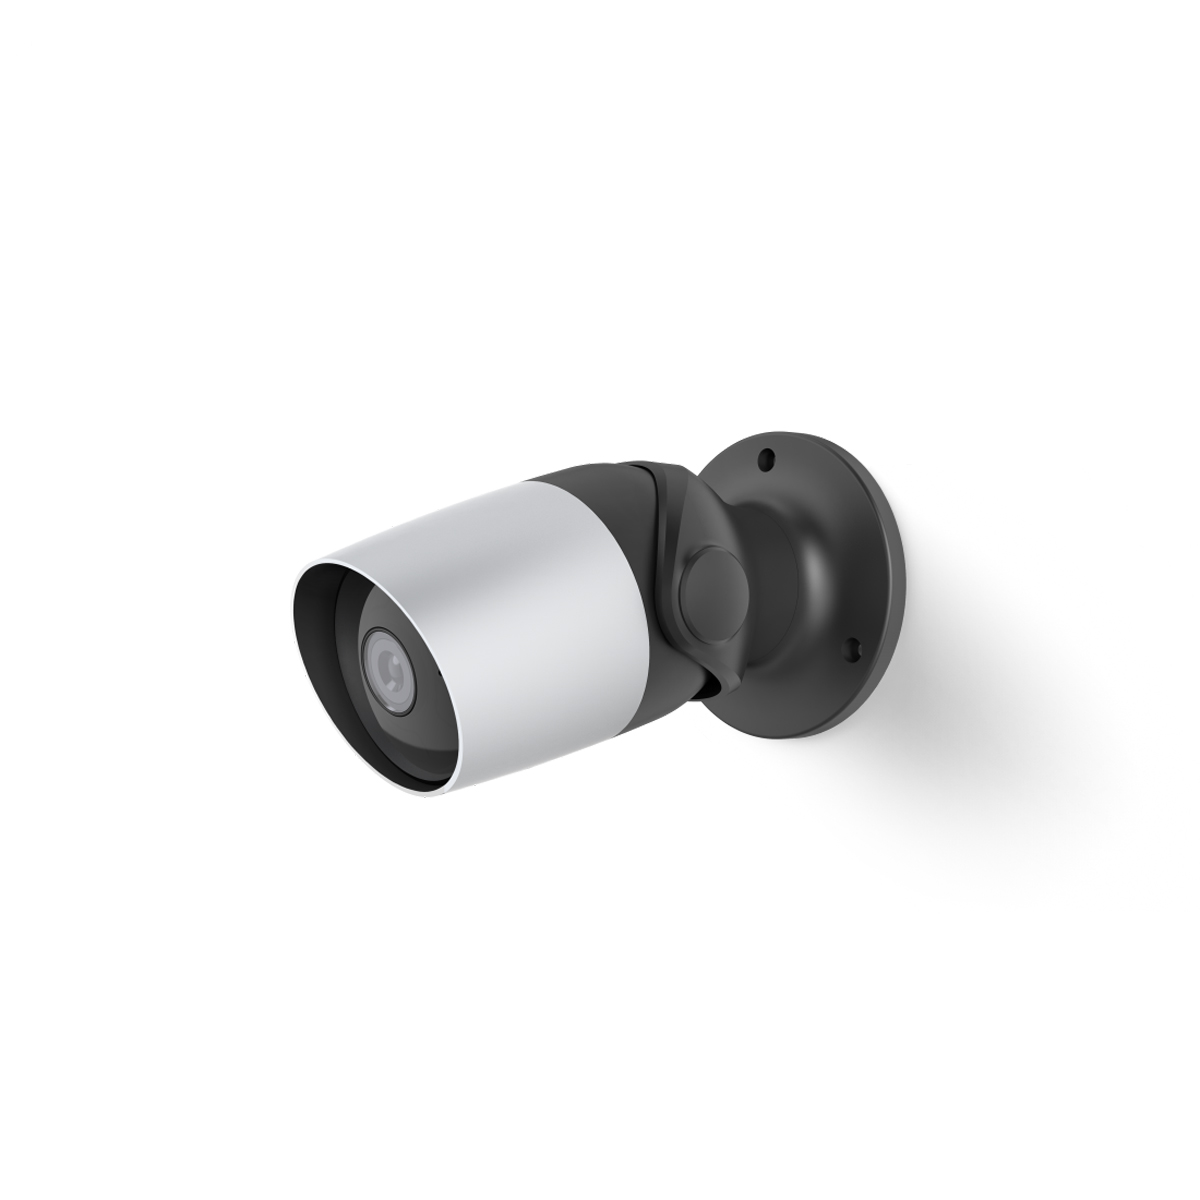 Hama Überwachungskamera schwarz/silber WLAN, für außen, Nachtsicht, ohne Hub 110212